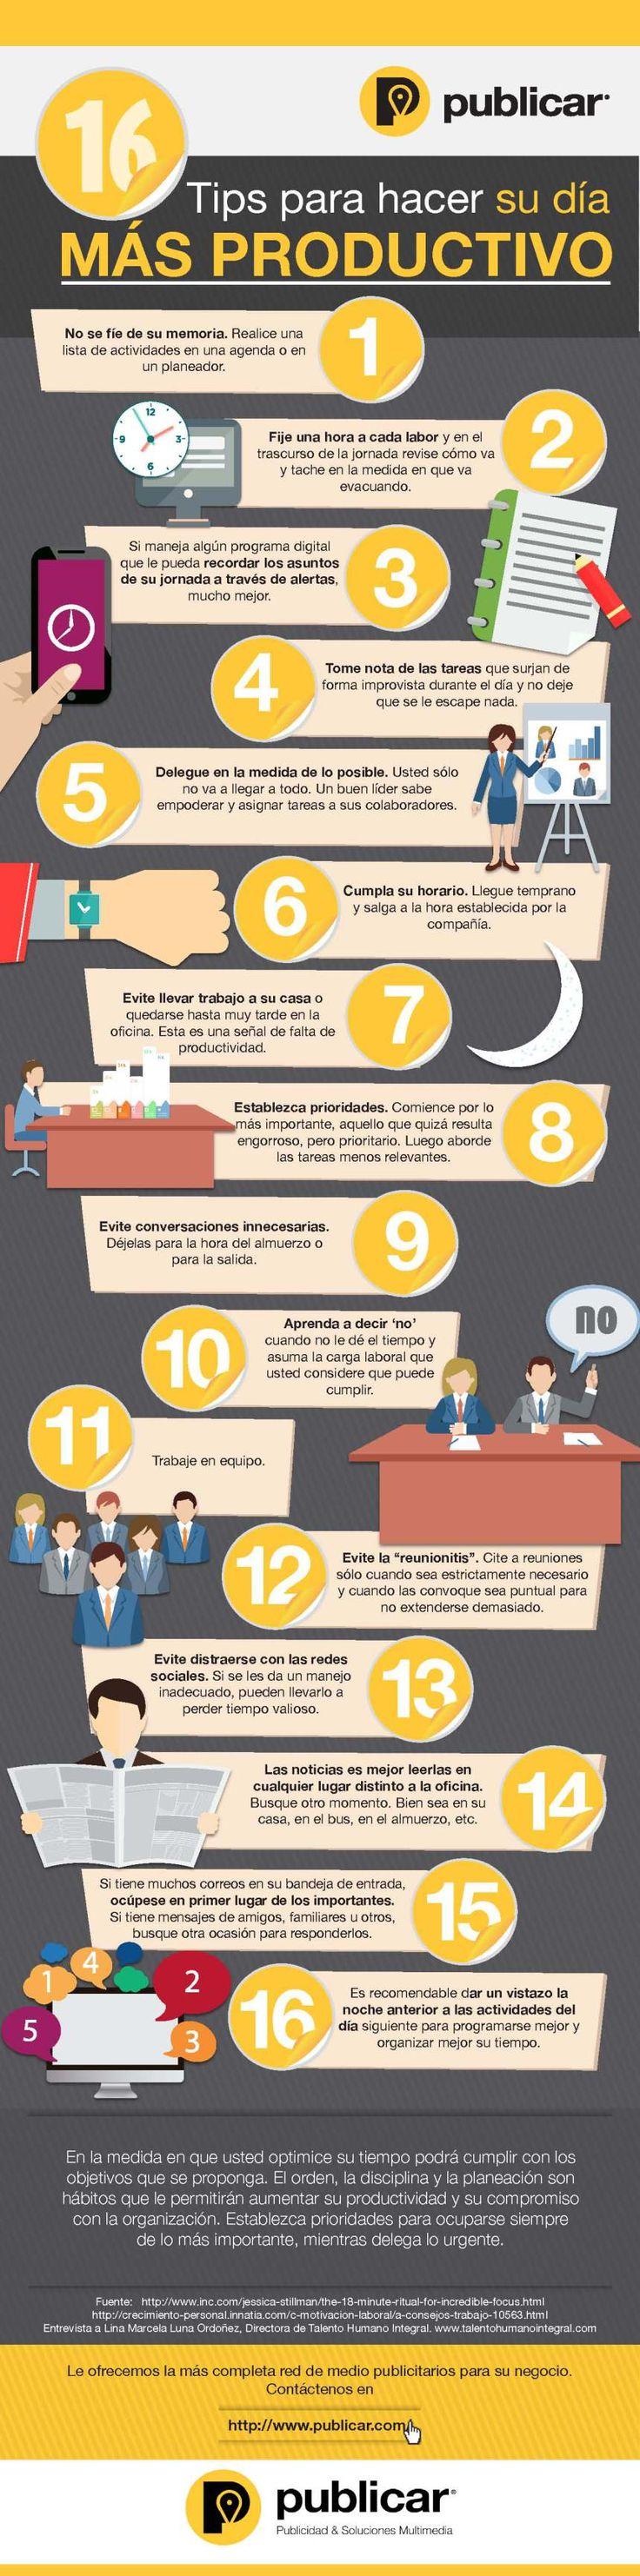 16 consejos para que aprendas a optimizar tu tiempo en la oficina #tips #egresados #estudiantes #umayor